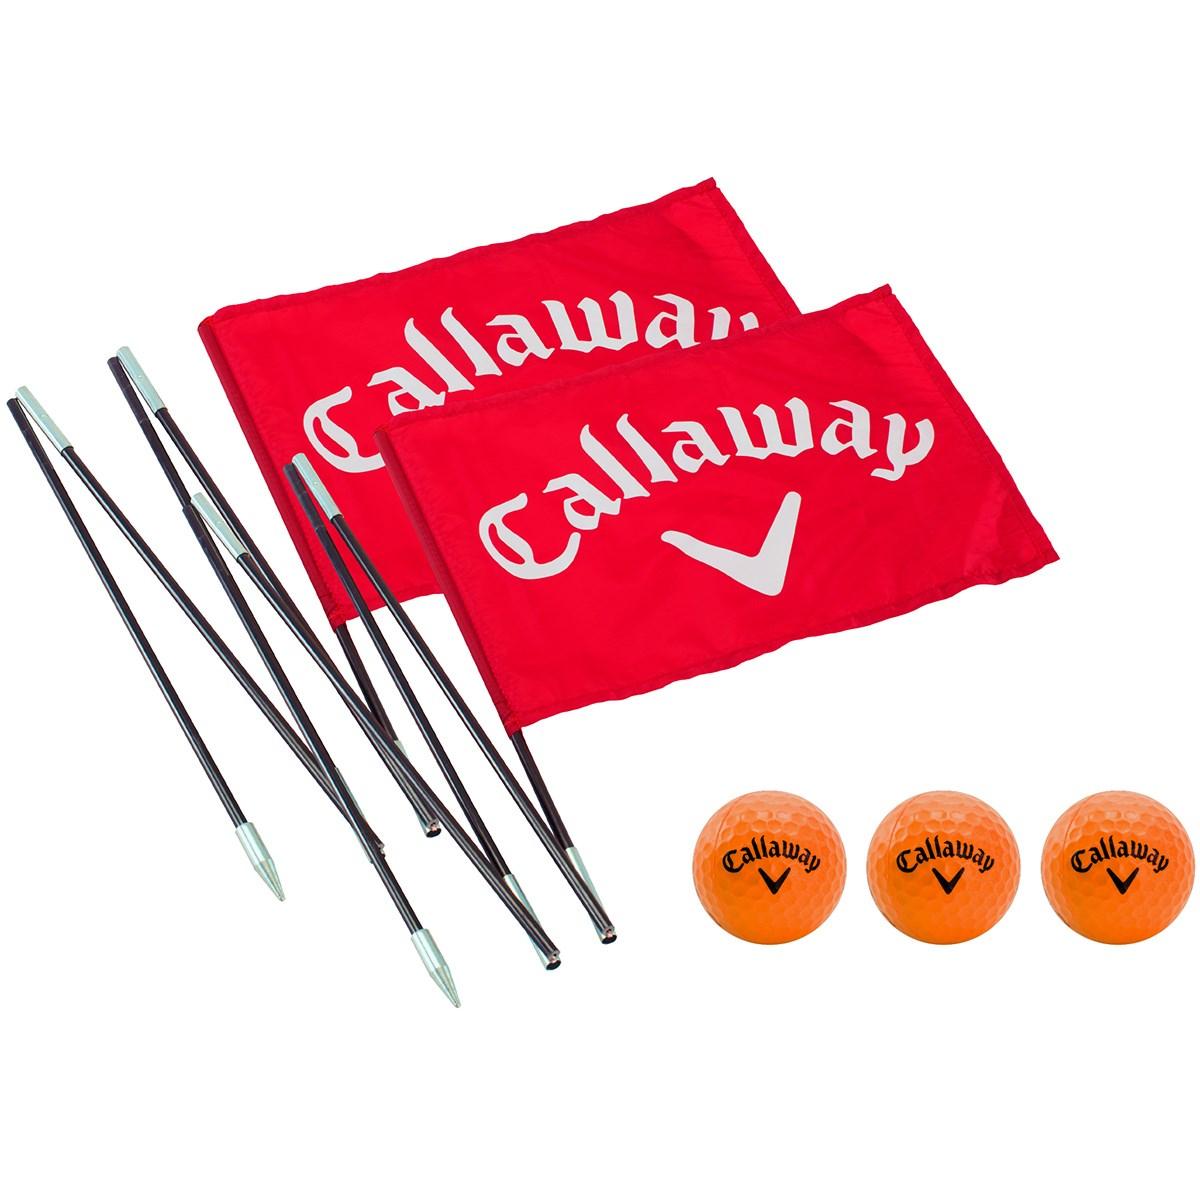 キャロウェイゴルフ(Callaway Golf) バックヤード ドライビングレンジ